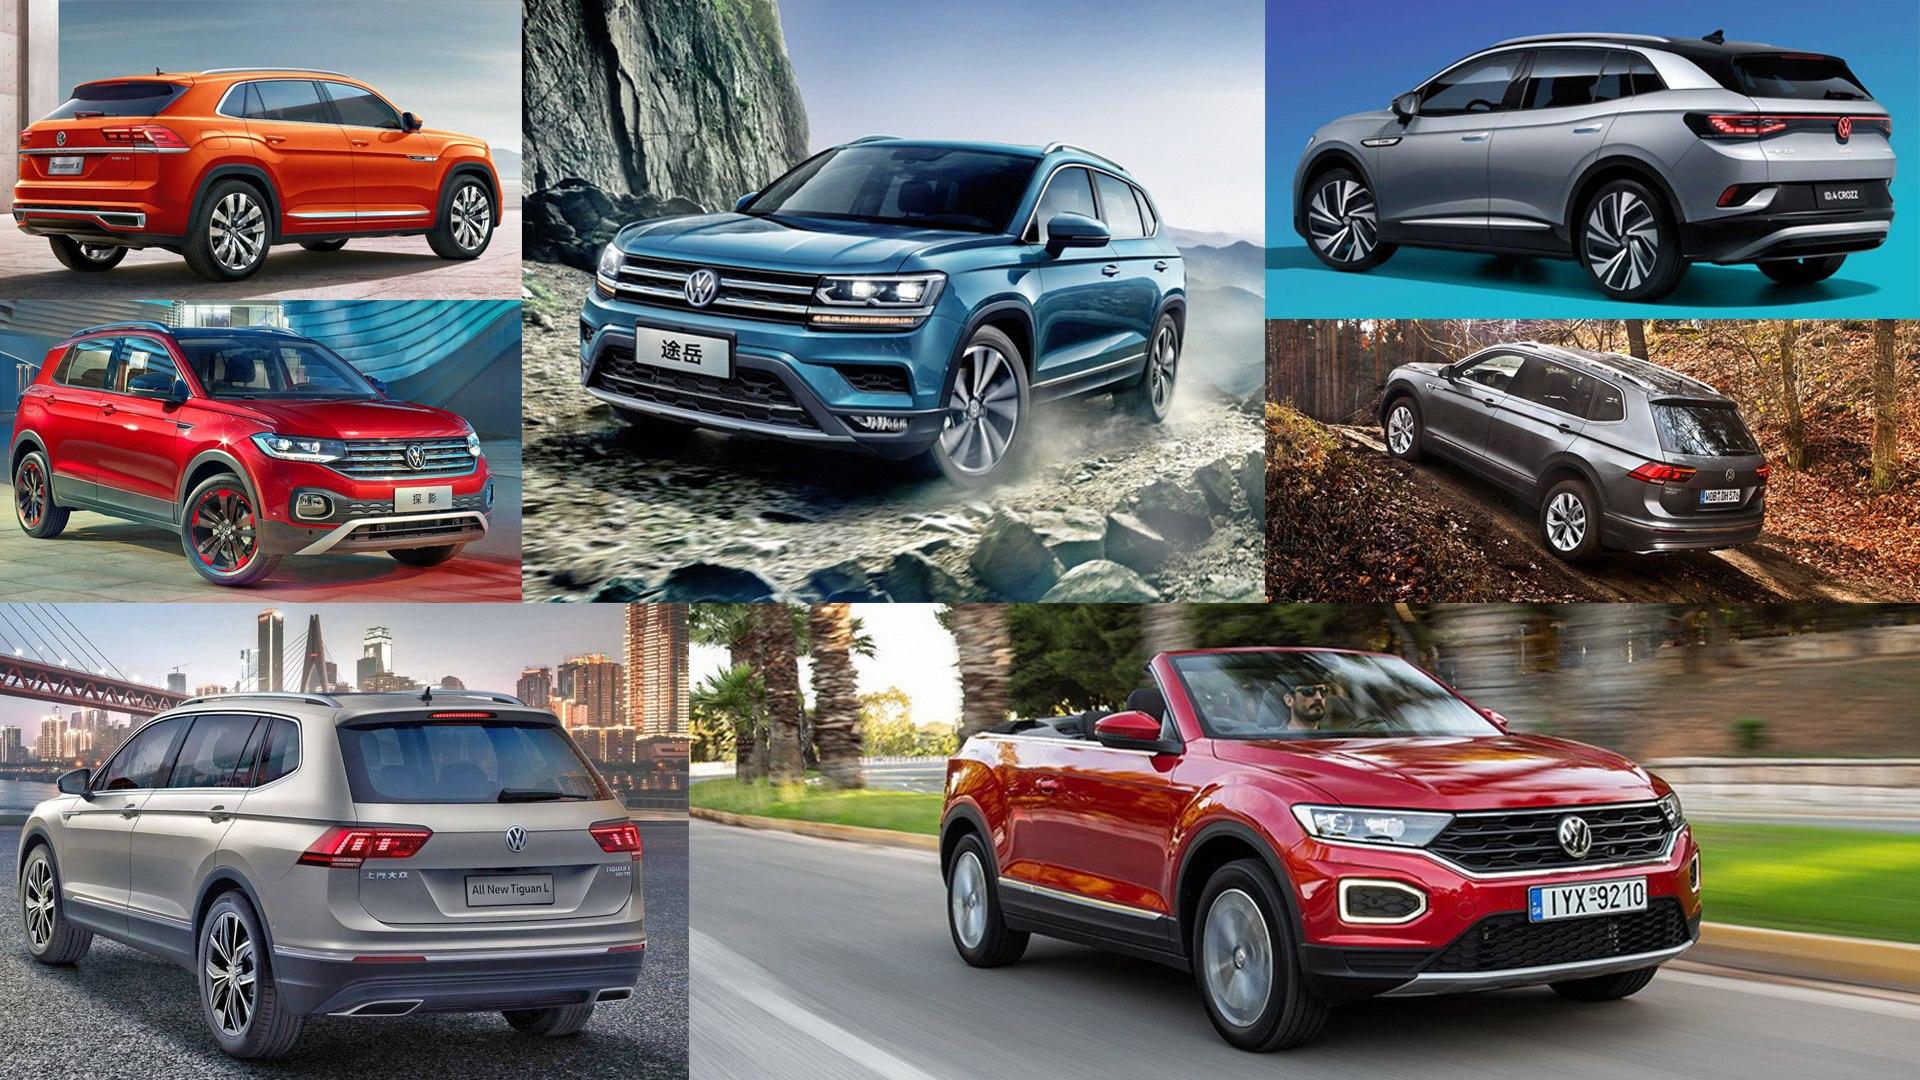 Νισάφι! 24 διαφορετικά SUV έχει στην παγκόσμια γκάμα της η Volkswagen! [pics]